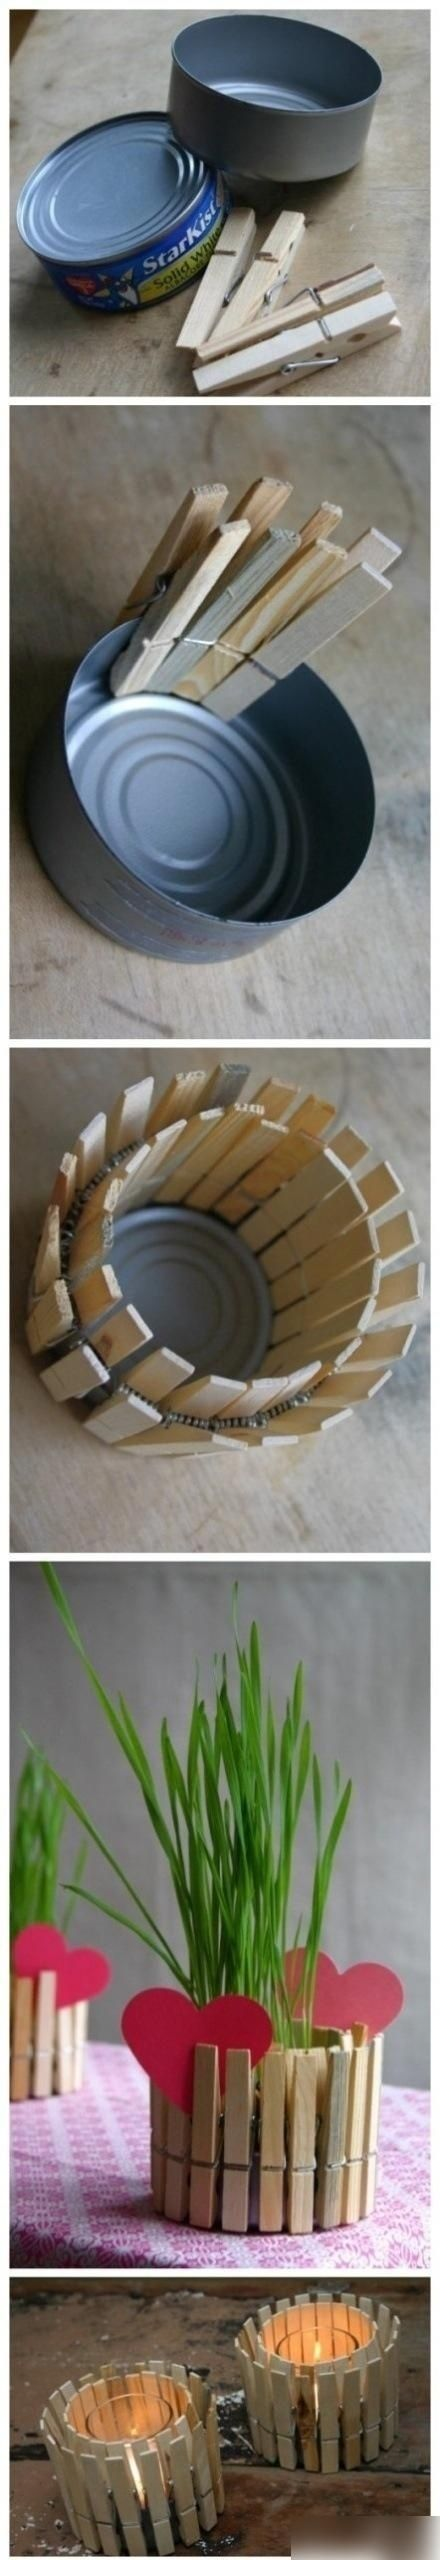 Planter | 23 Adorable DIYs You Can Make With Clothespins